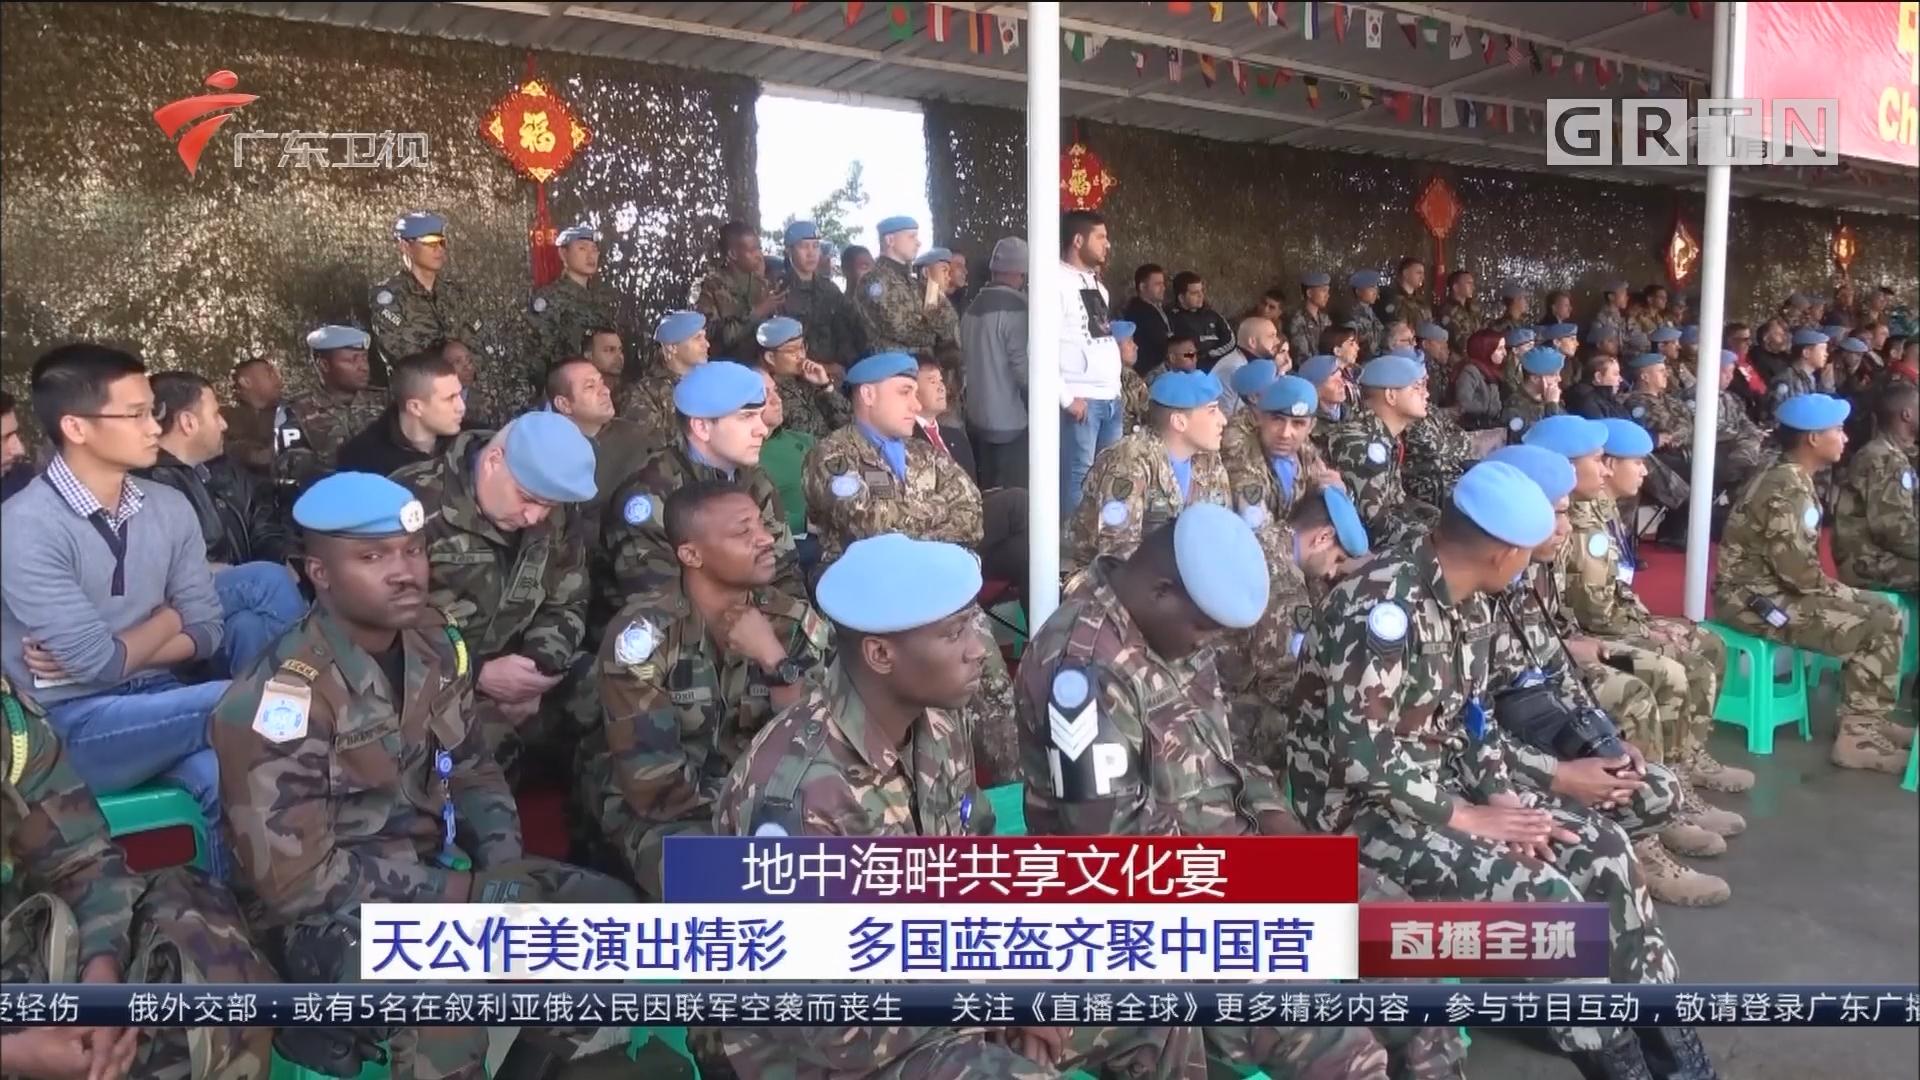 地中海畔共享文化宴:天公作美演出精彩 多国蓝盔齐聚中国营